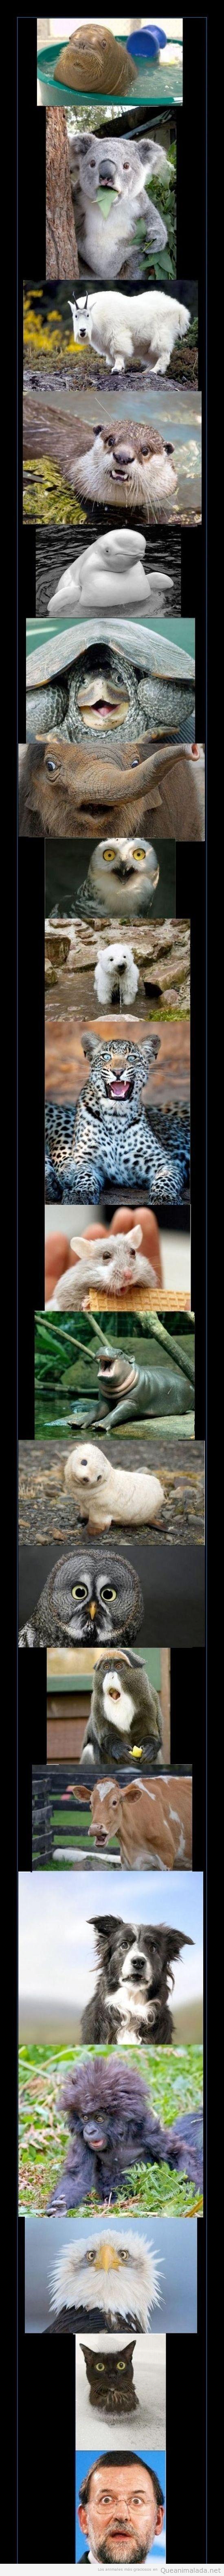 Fotos graciosas de animales con caras de sorpresa